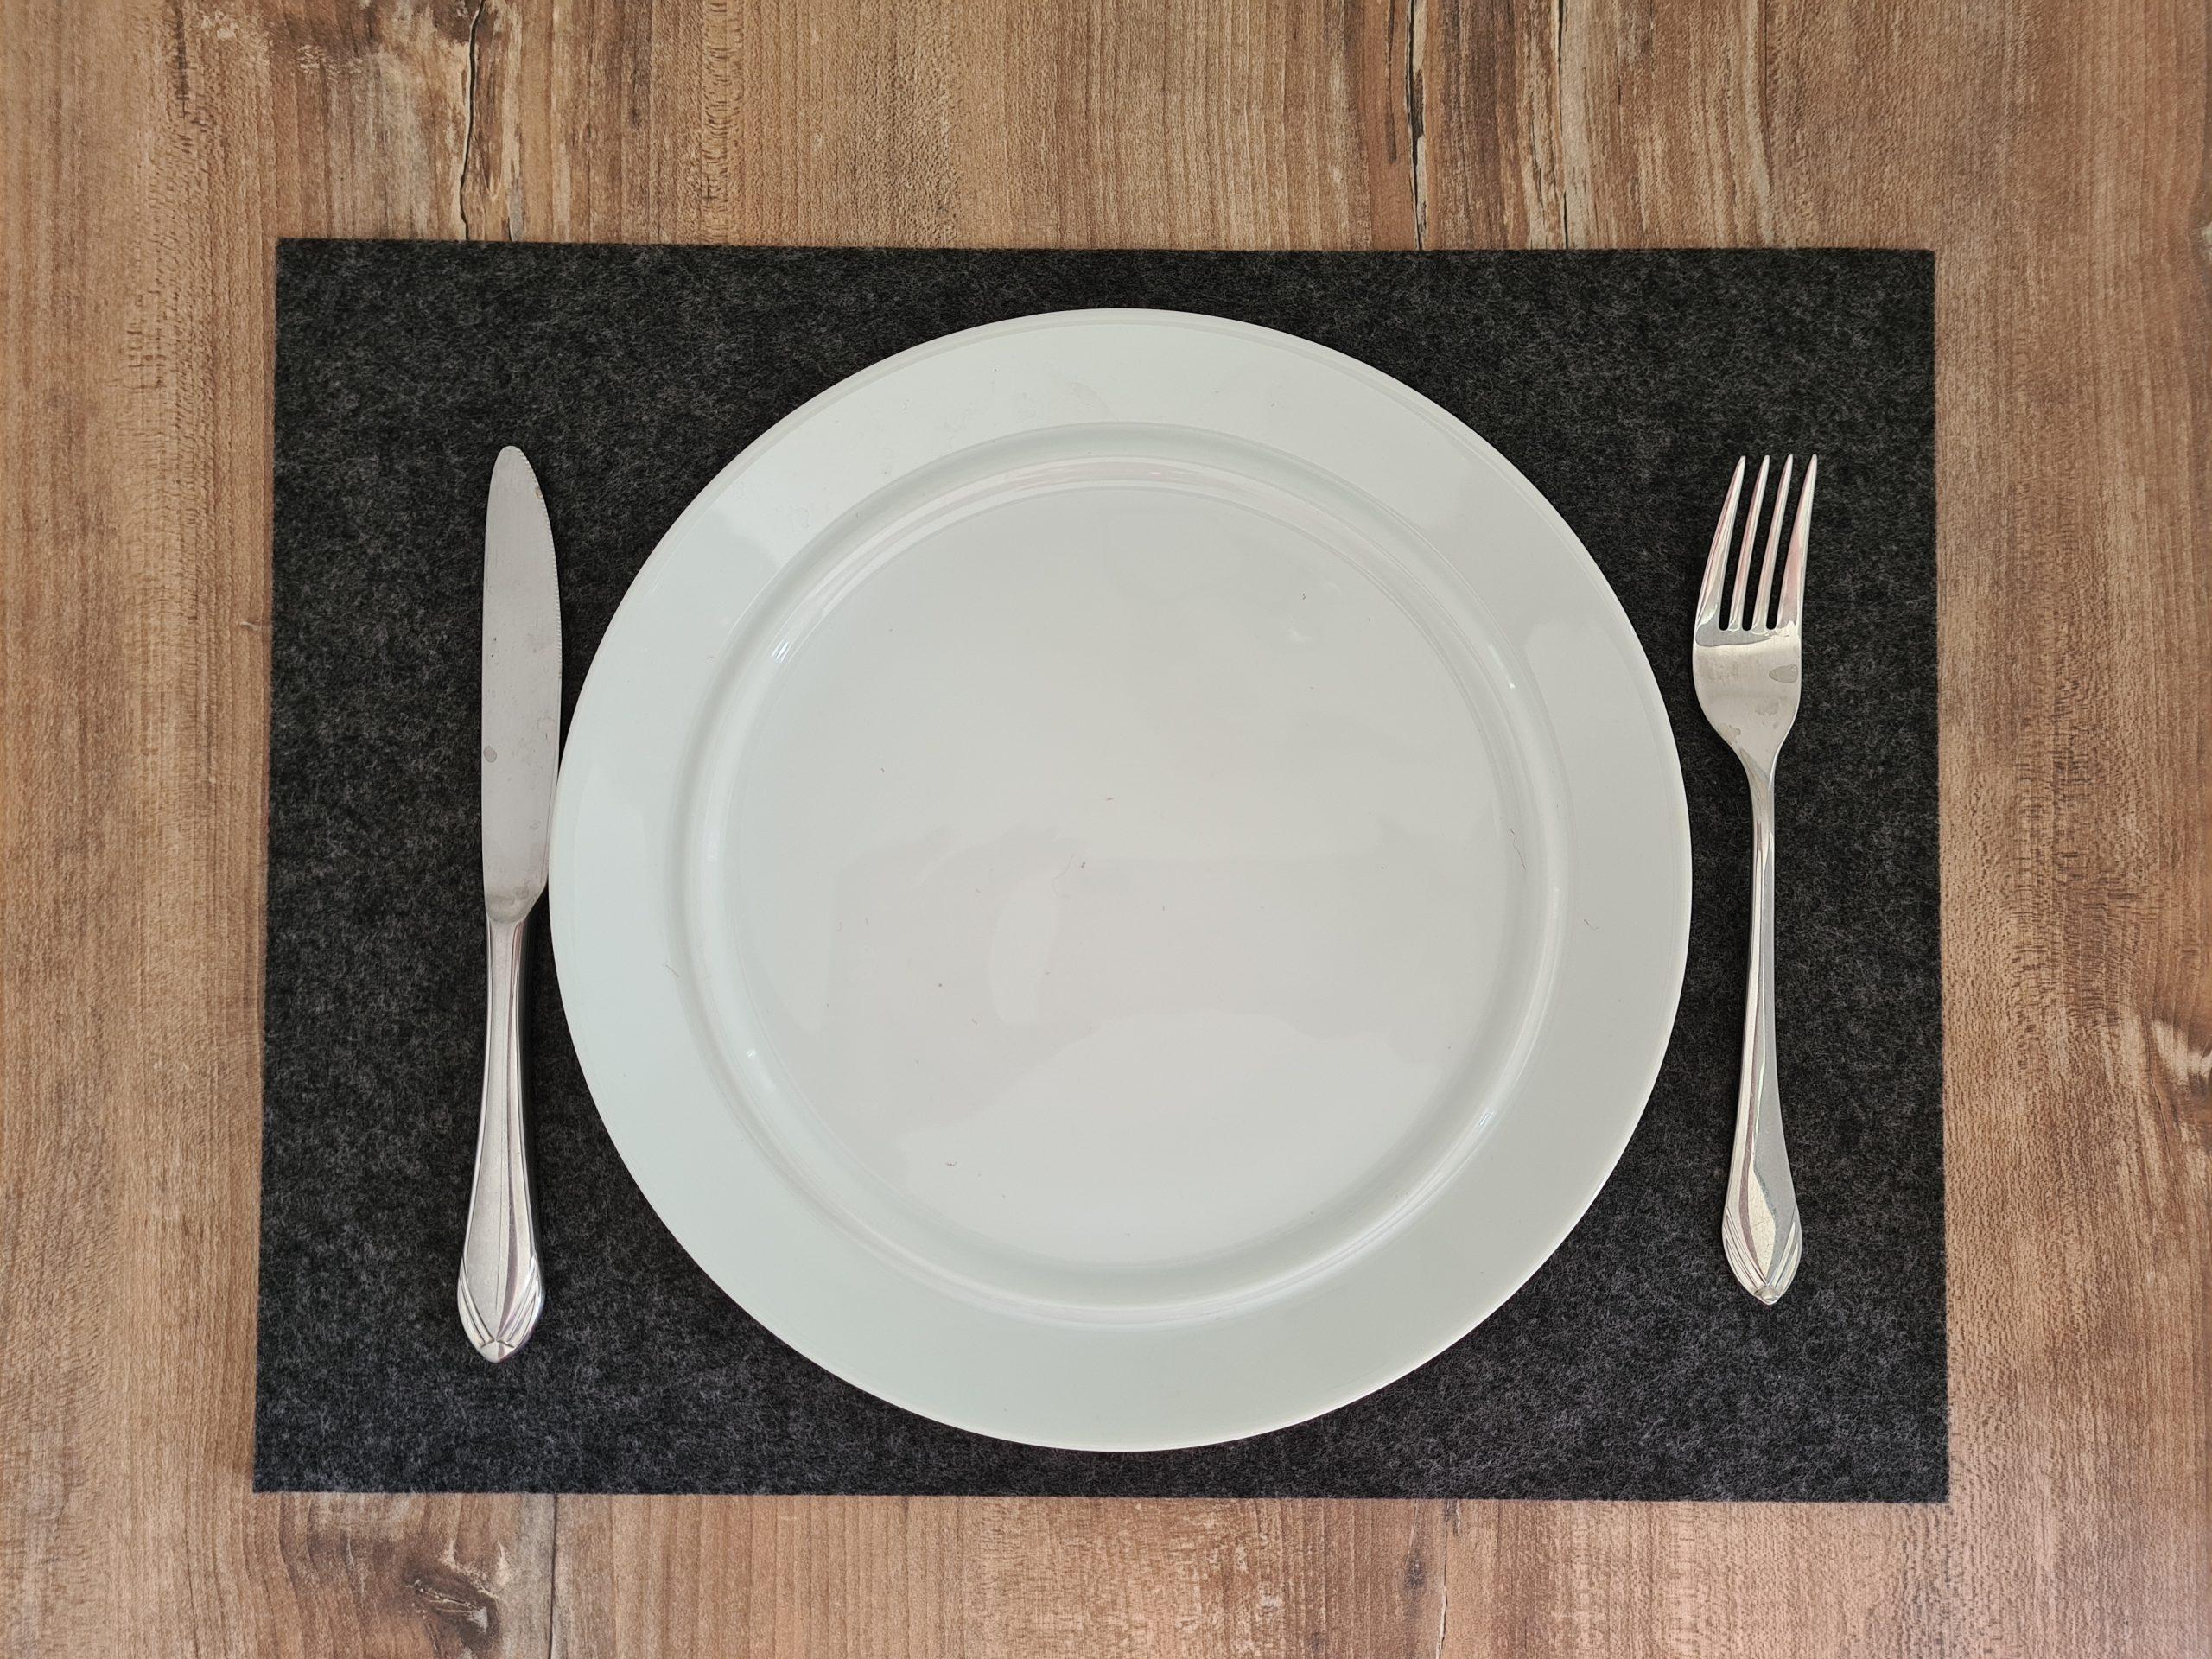 Schwarzer Filz-Untersetzter quadratisch mit Teller und Besteck - Handgemachte individualisierbare Taschen, Körbe, Tischsets, Dekoartikel und mehr auf fideko.de der Onlineshop seit 2011